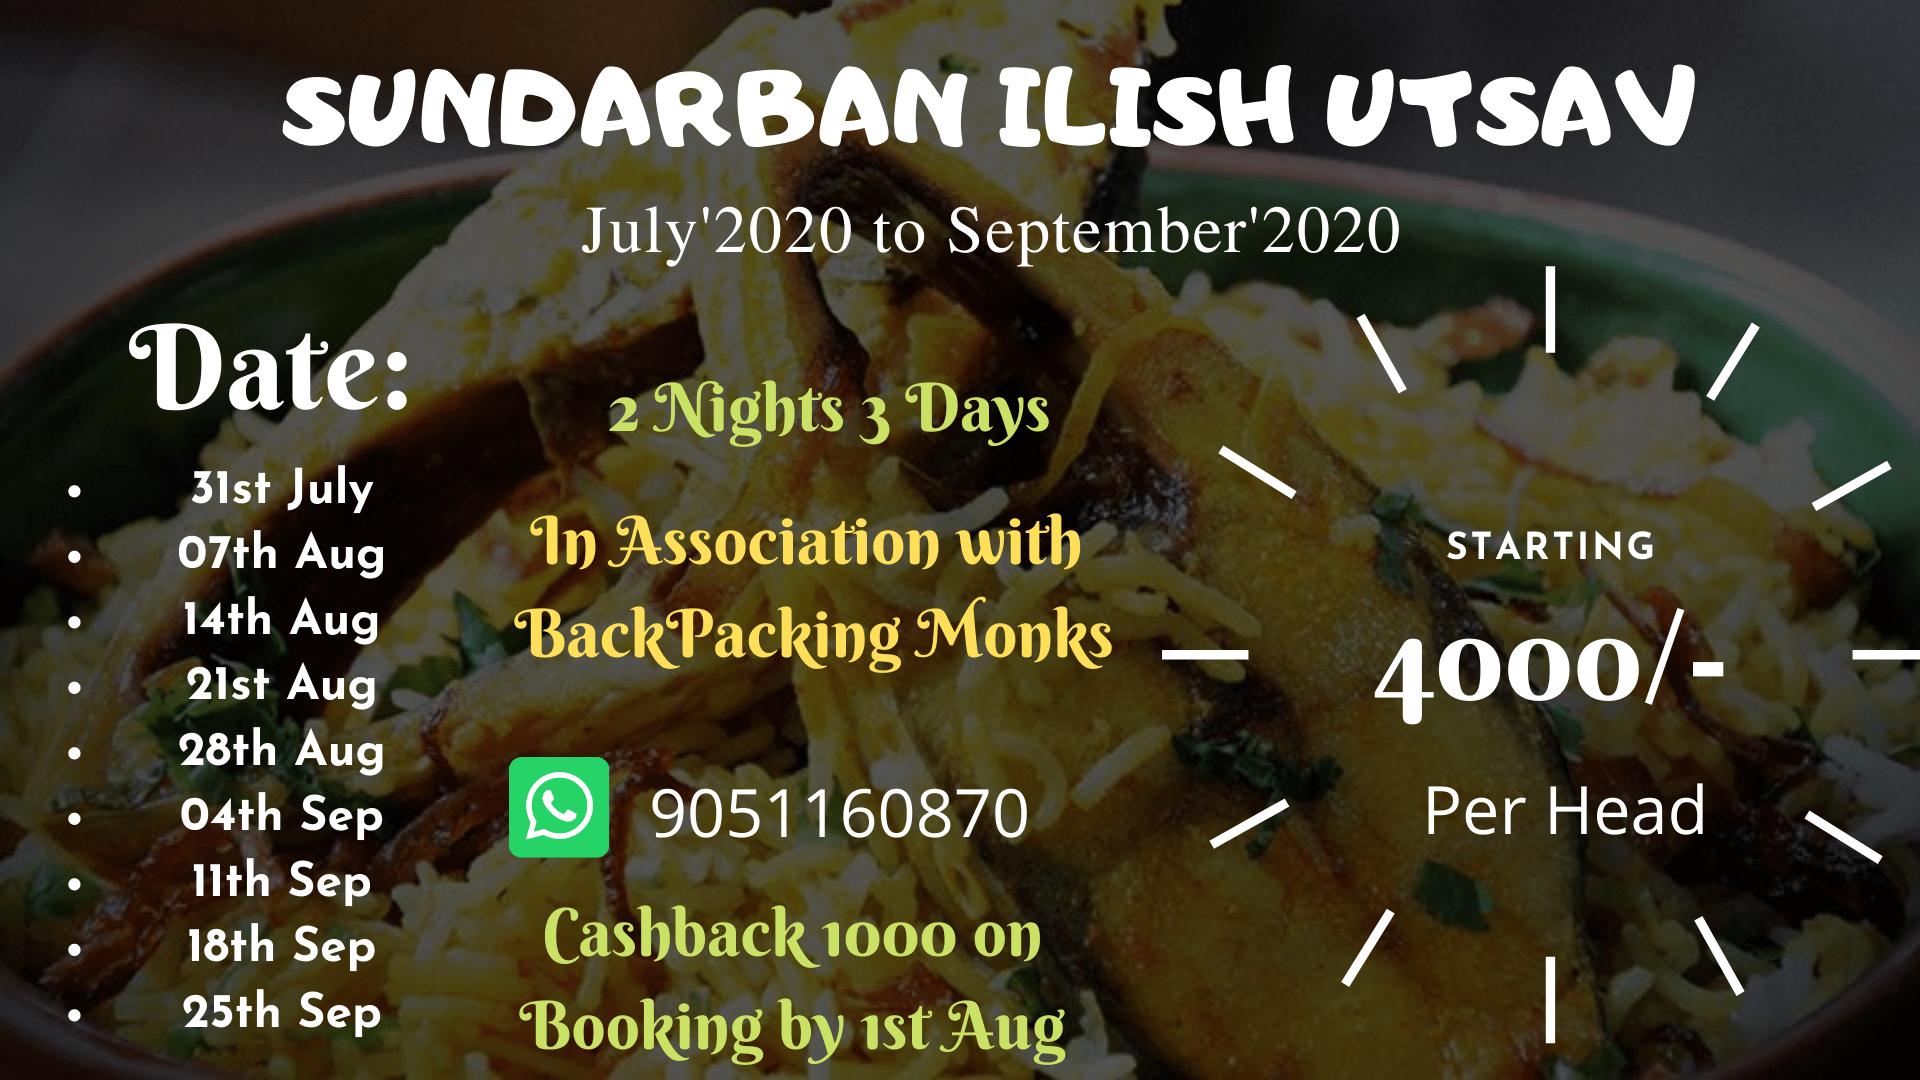 SUNDARBAN ILISH UTSAV 2020. 1000 Cashback.